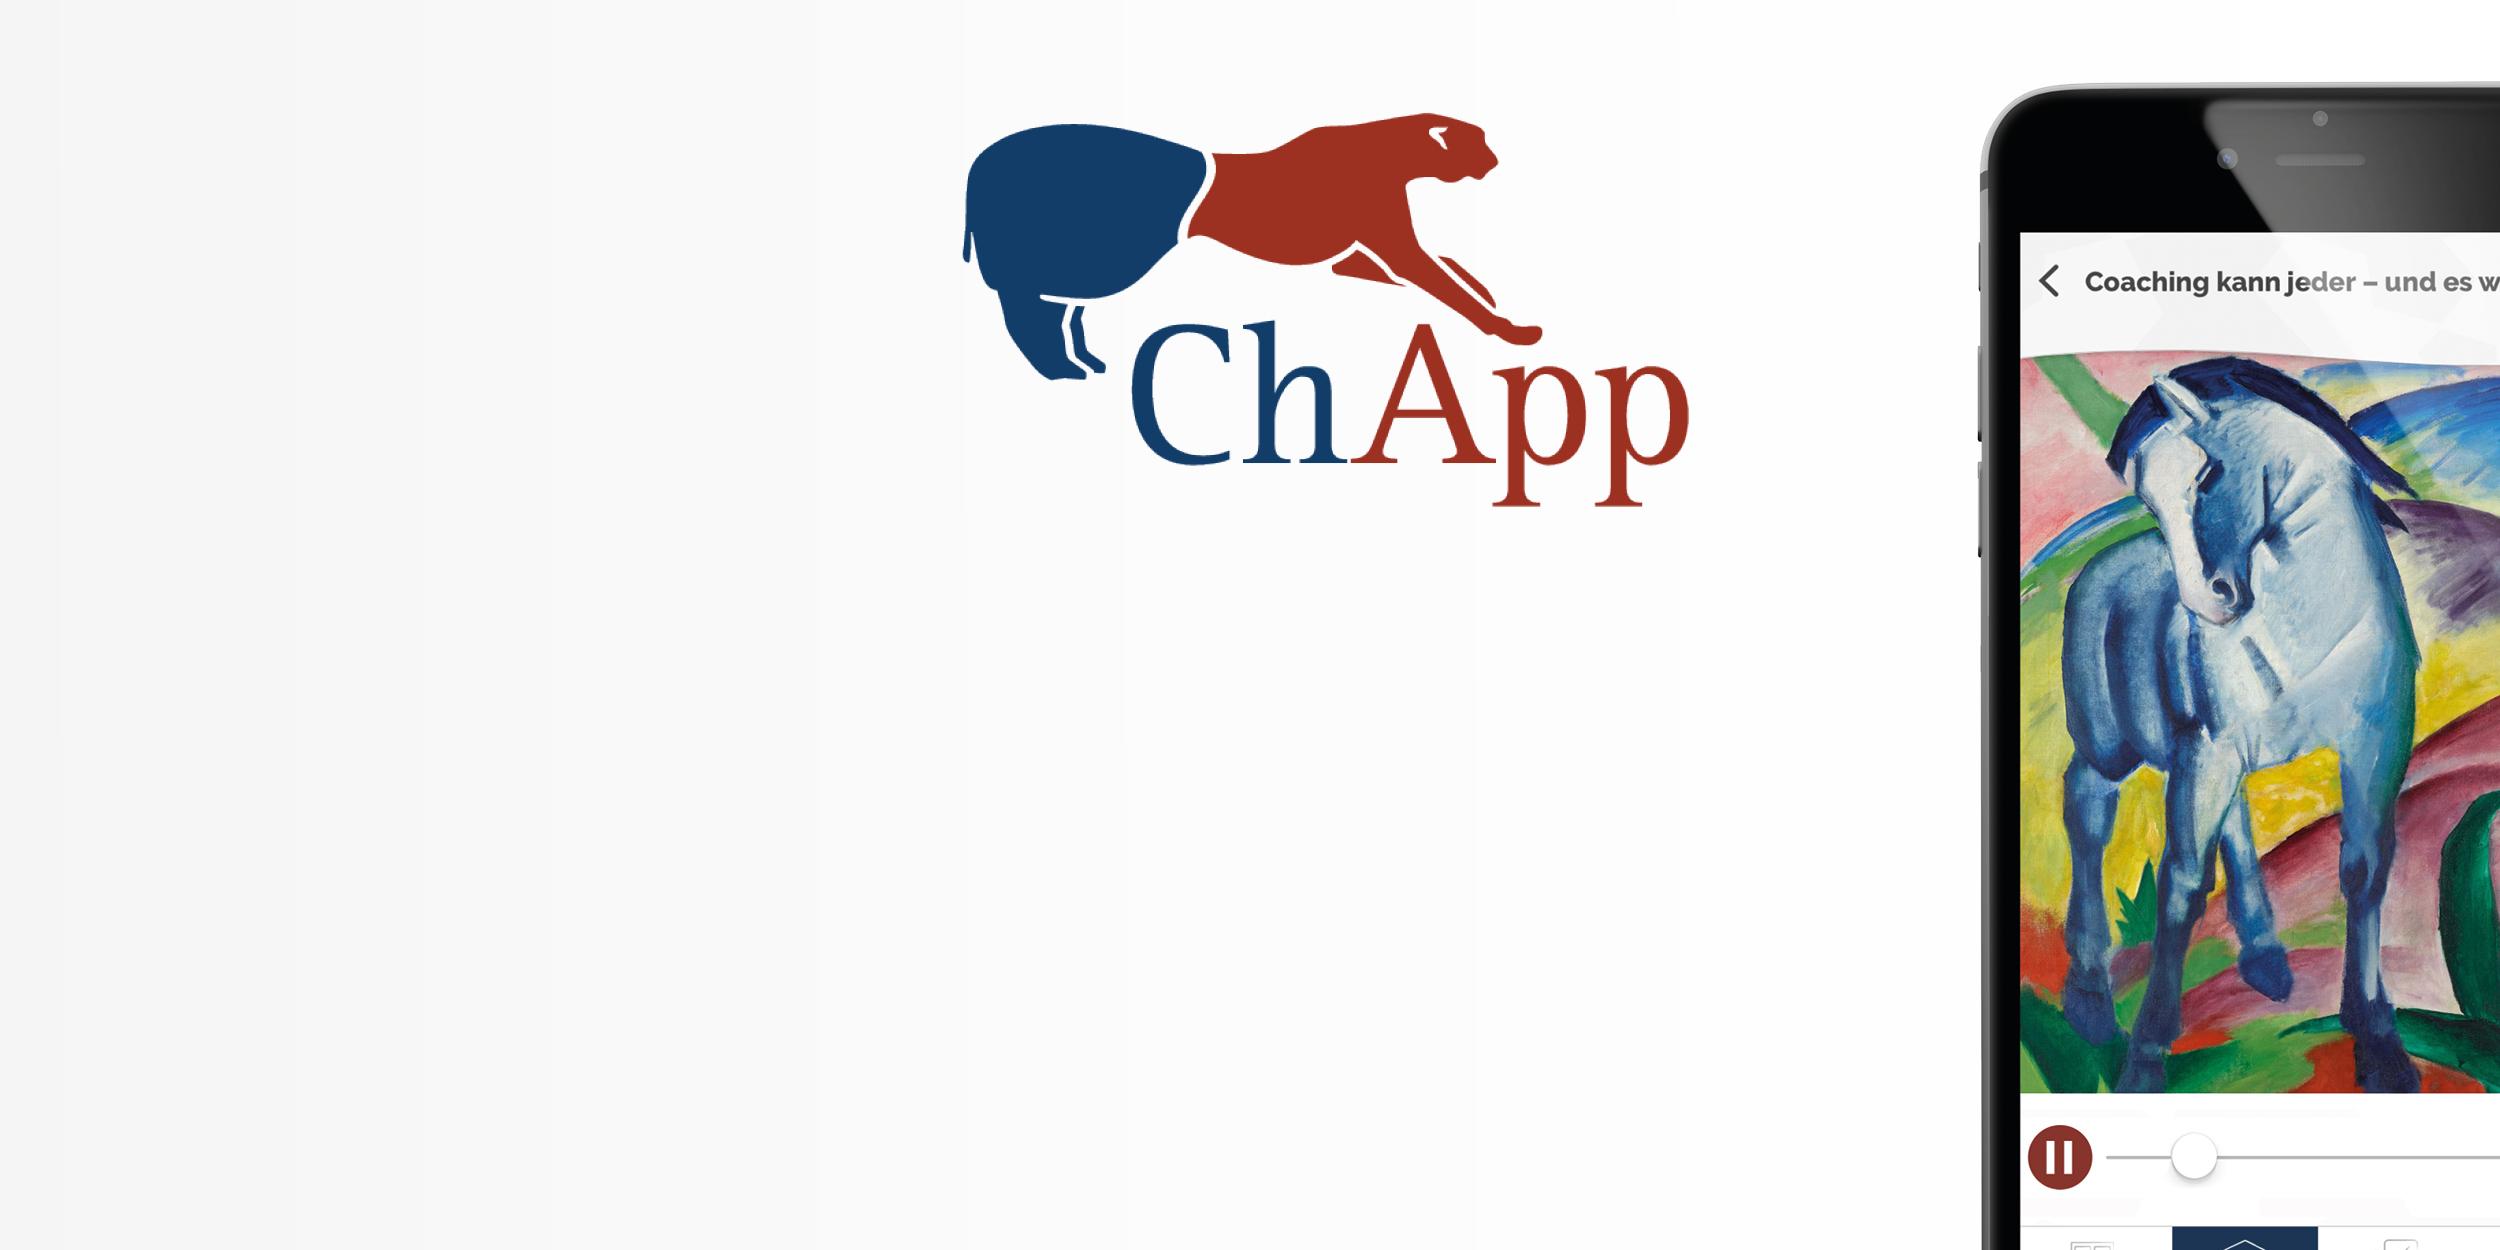 ChApp Videoteaser 190325 ohne was